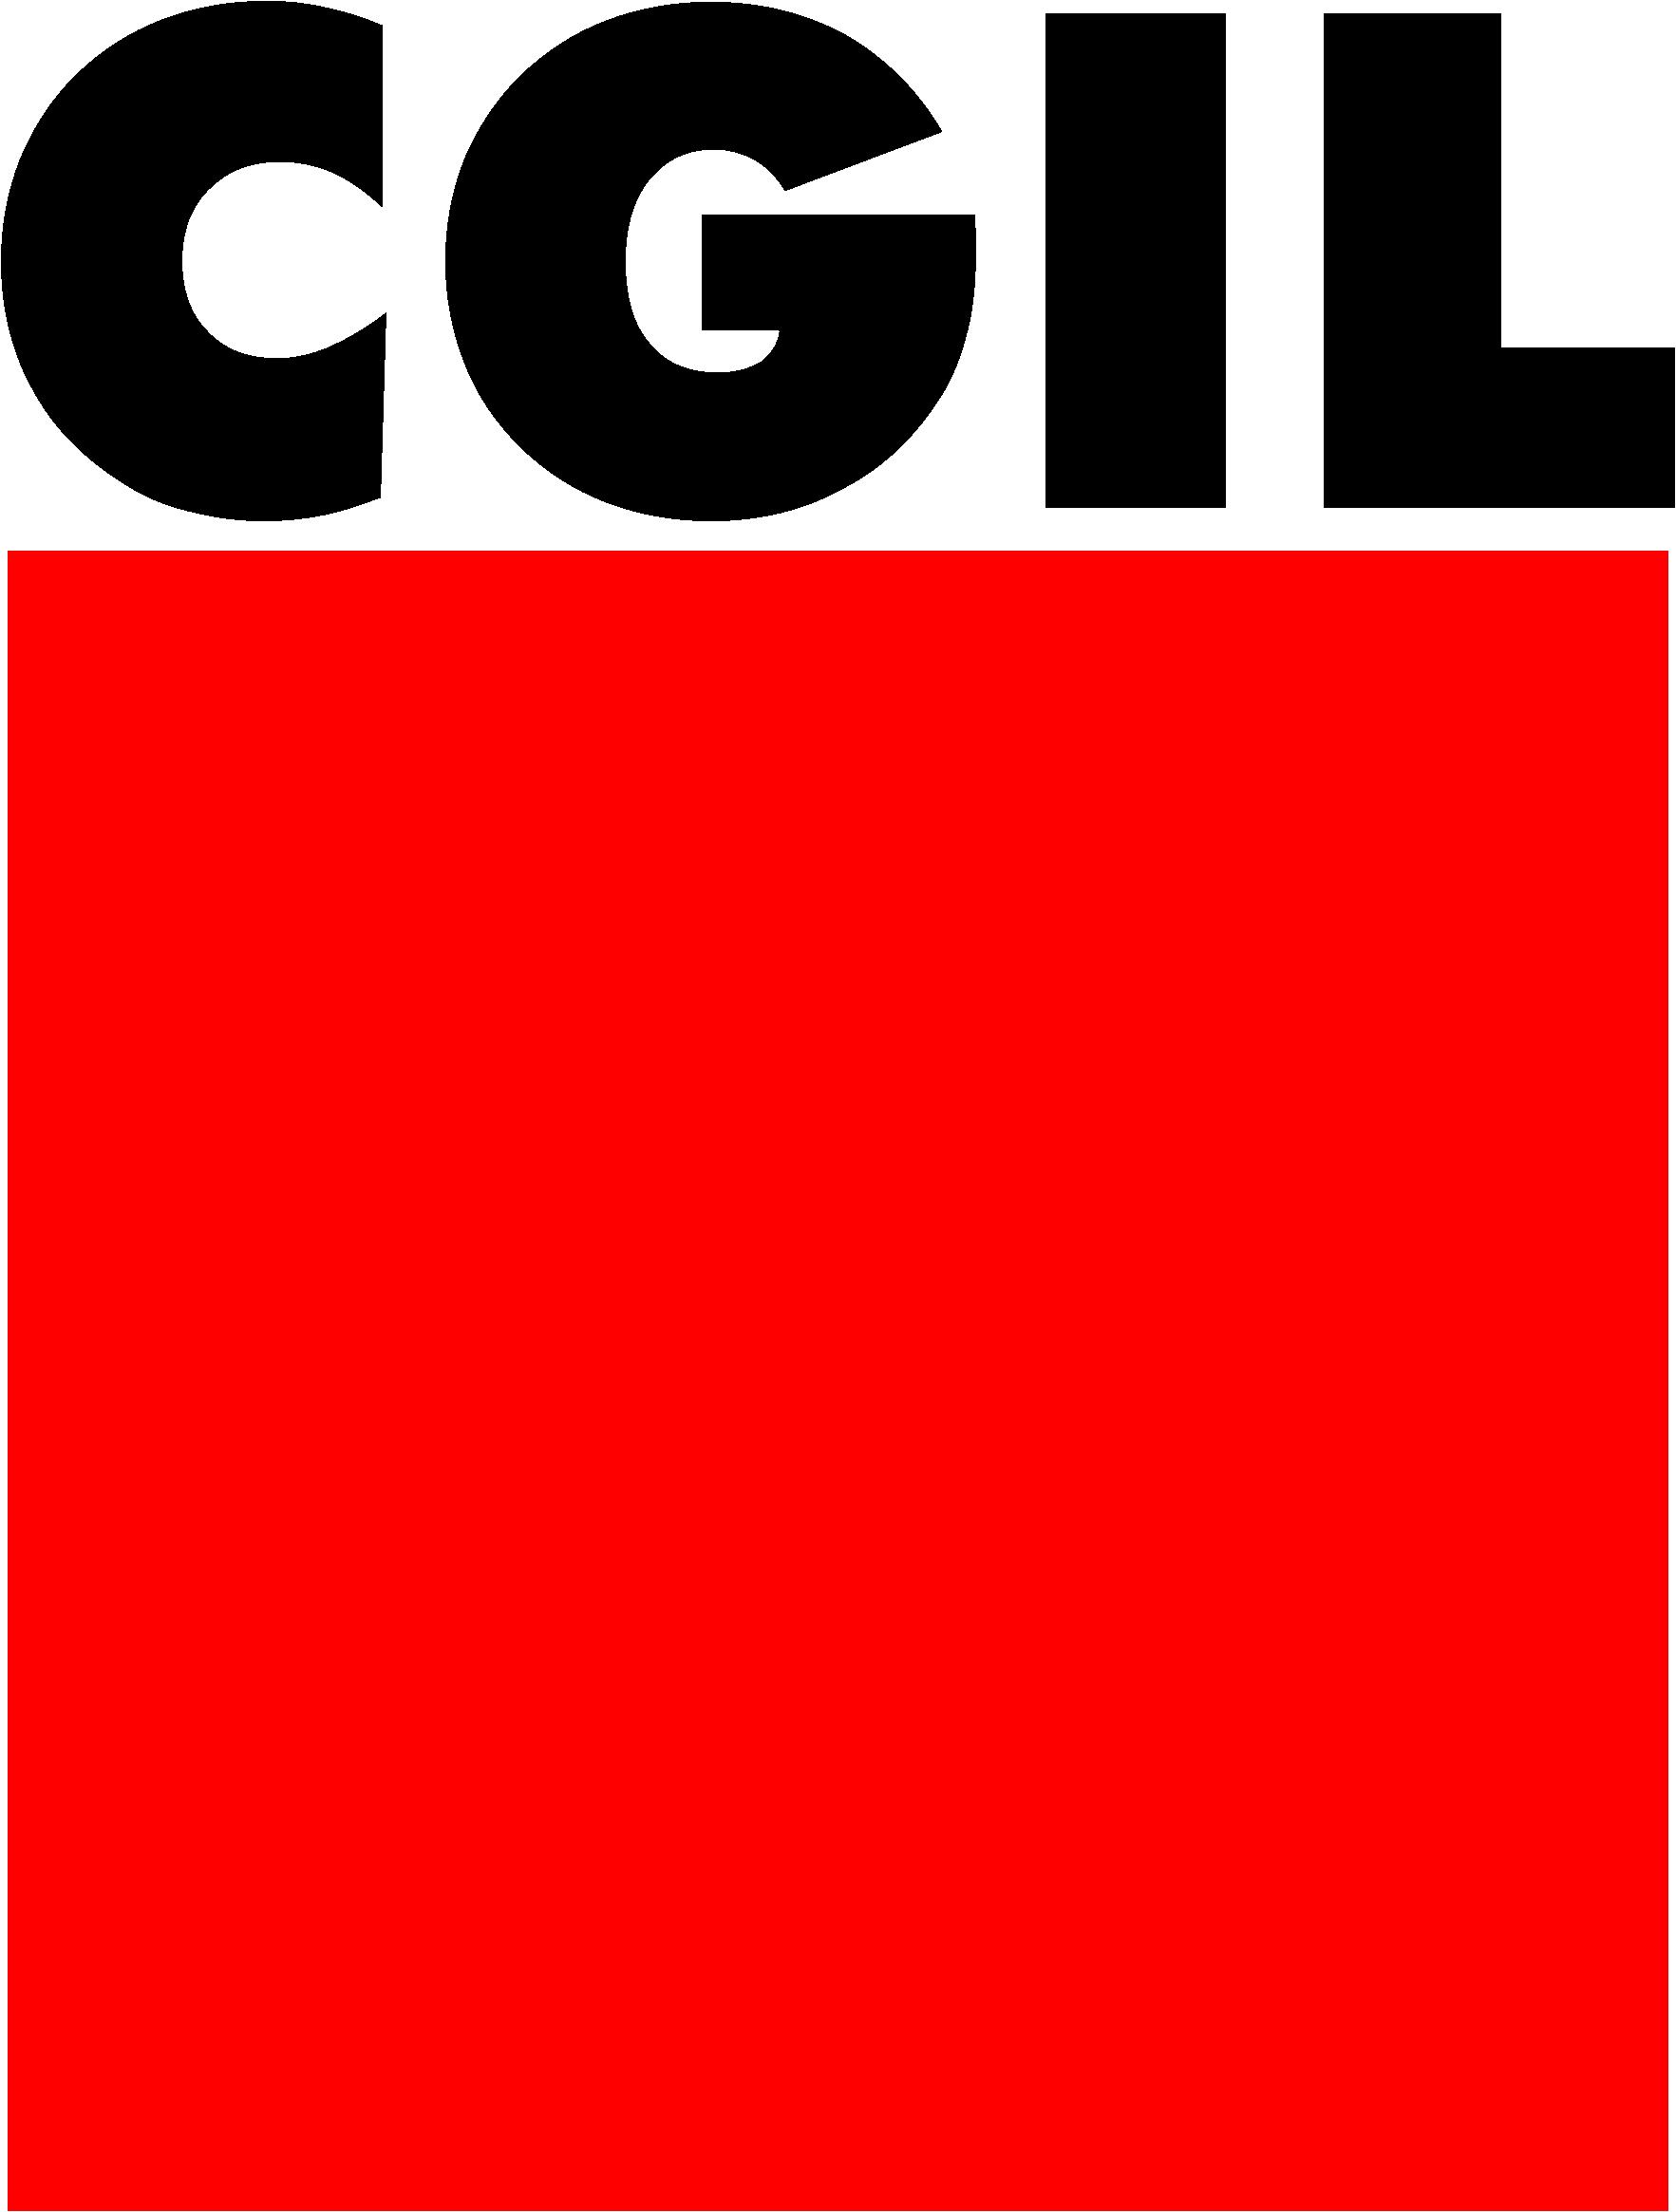 Cgil: convocato XVIII Congresso, a Bari dal 22 al 25 gennaio 2019